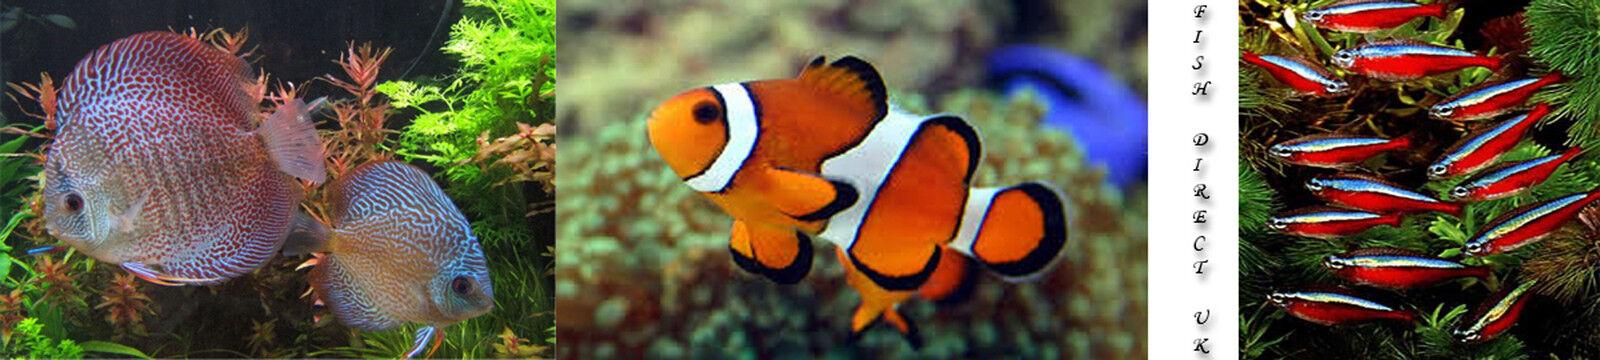 fishdirectuk